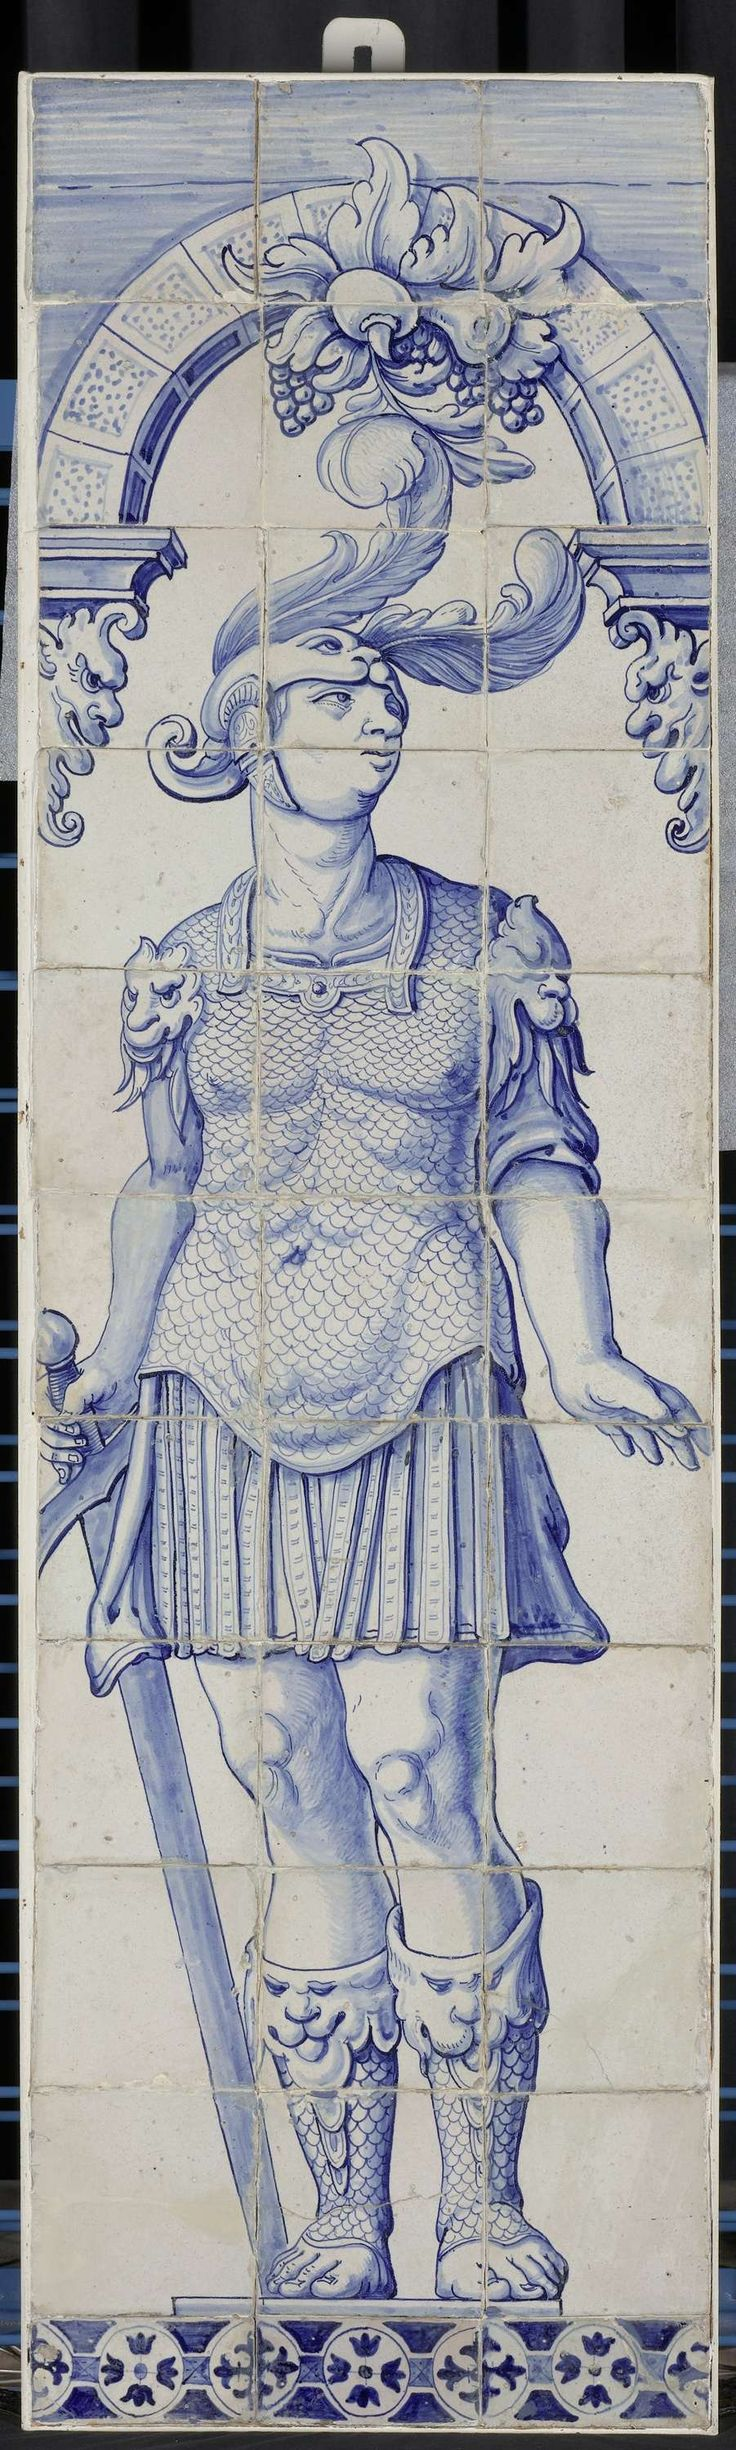 Anonymous   Schoorsteenpilaster van 33 tegels, Anonymous, 1615 - 1640   Schoorsteenpilaster van 33 tegels (11 x 3) met een blauw geschilderde Romeinse soldaat met helm, zijn hoofd naar links gewend en een zwaard in zijn rechterhand, staande onder een boog.